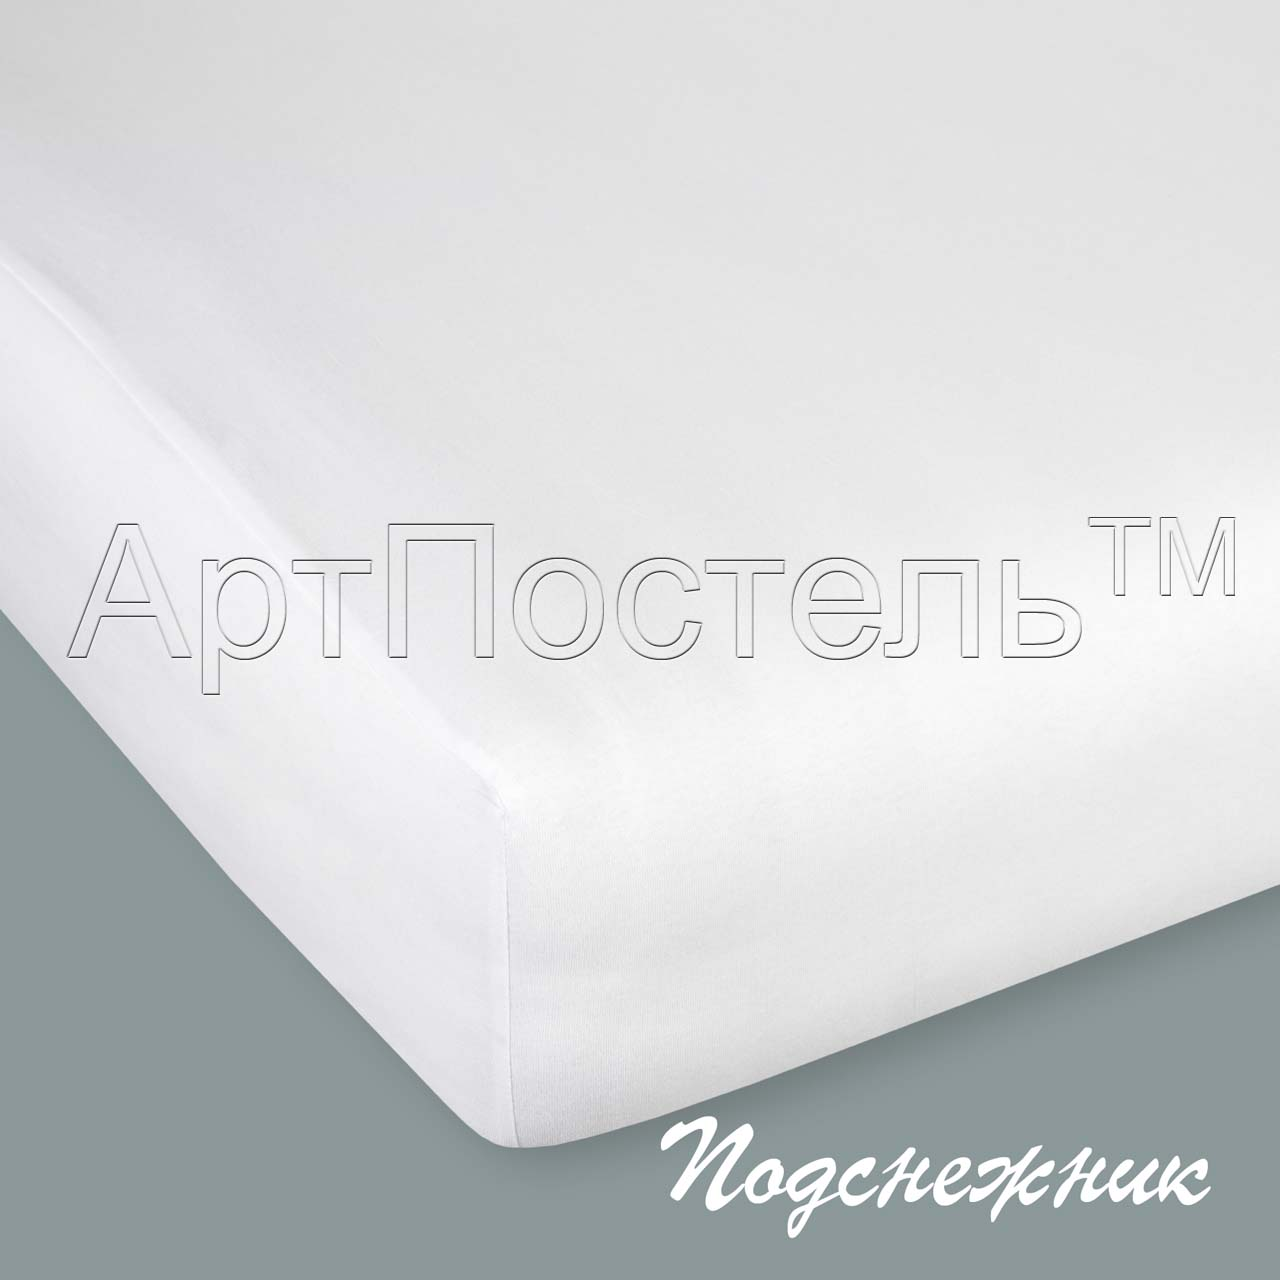 Простыня на резинке Подснежник, размер 140х200 смПростыни<br>Плотность ткани: 145 г/кв. м <br>Высота матраса: 20 см<br><br>Тип: Простыня<br>Размер: 140х200<br>Материал: Кулирка